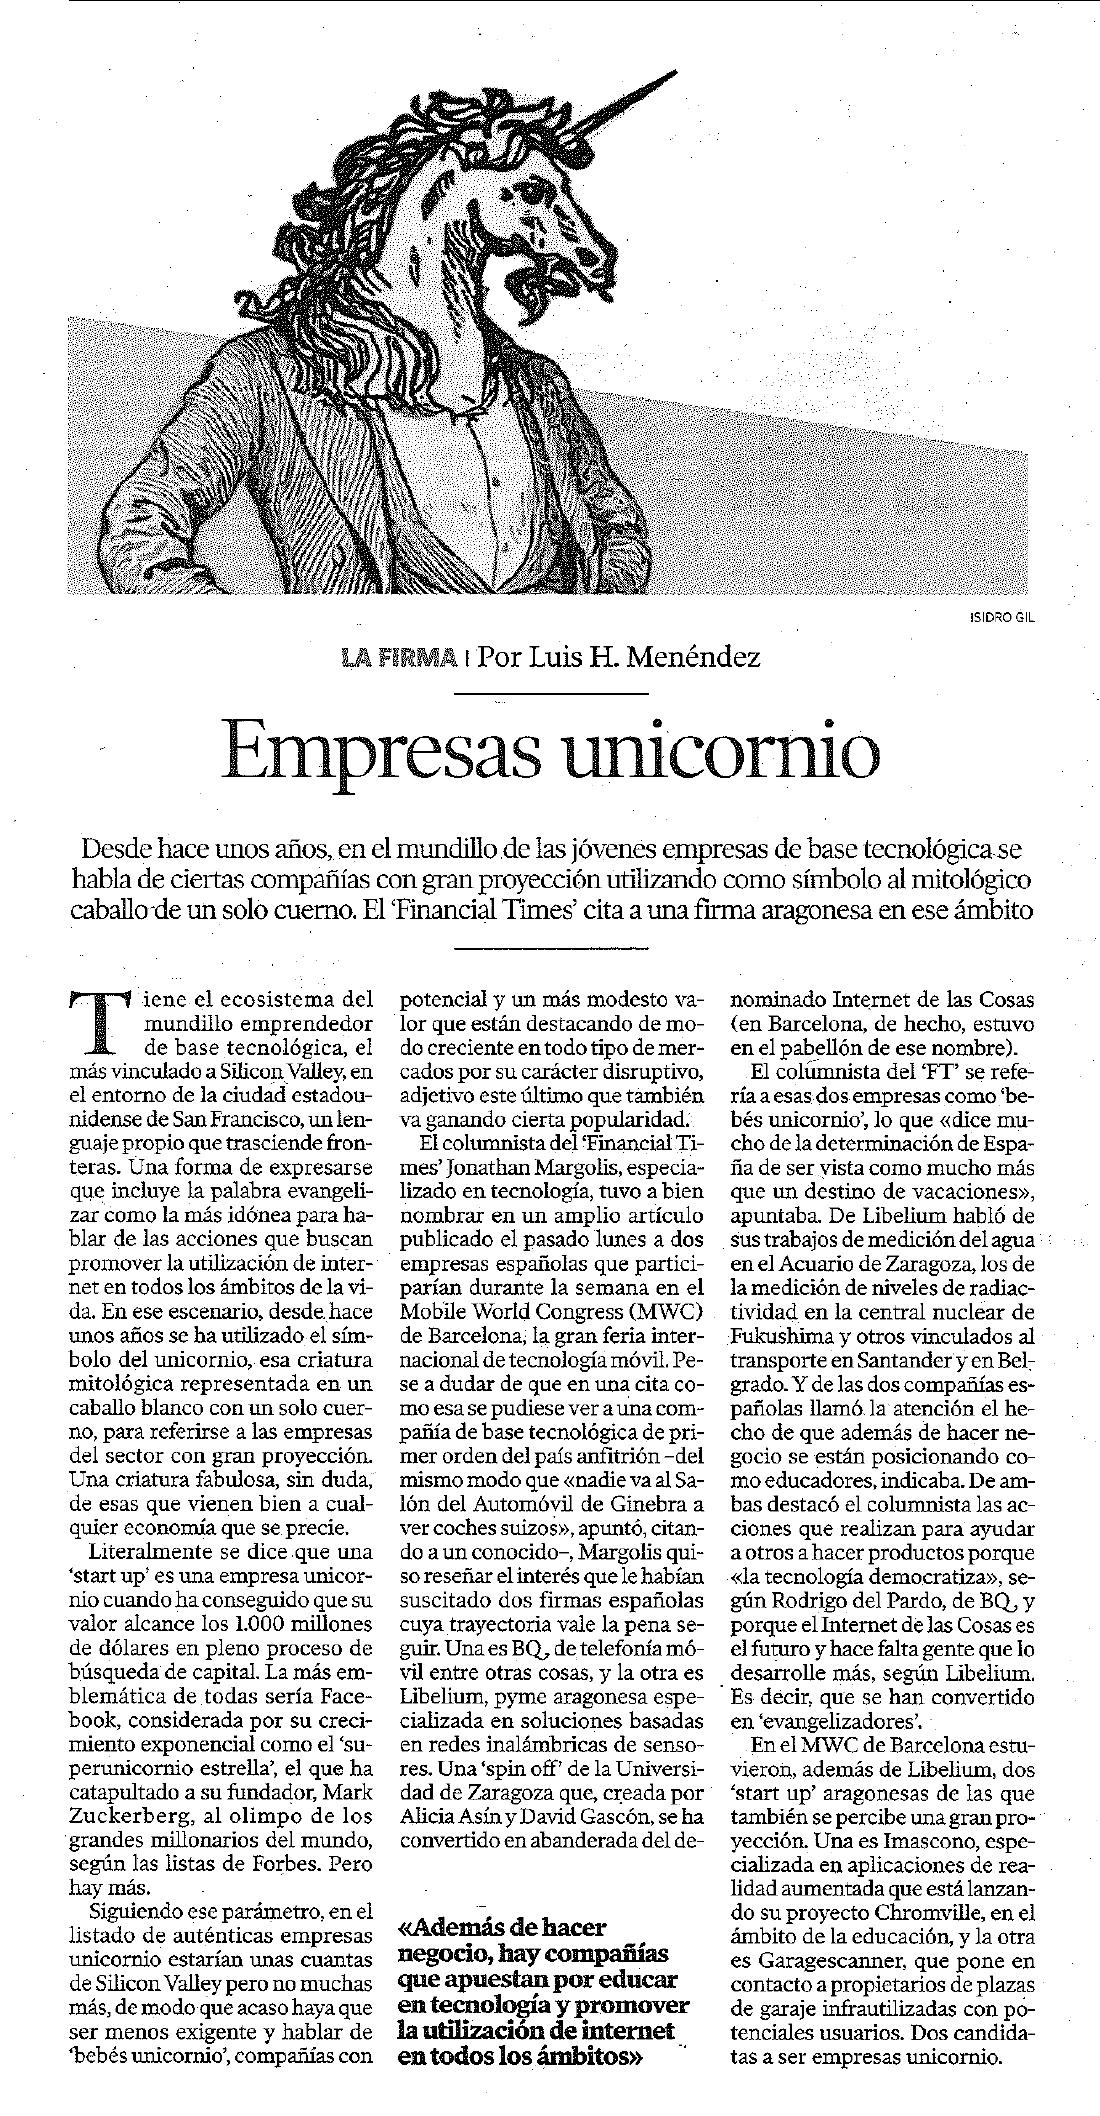 Heraldo de Aragón – Empresas unicornio